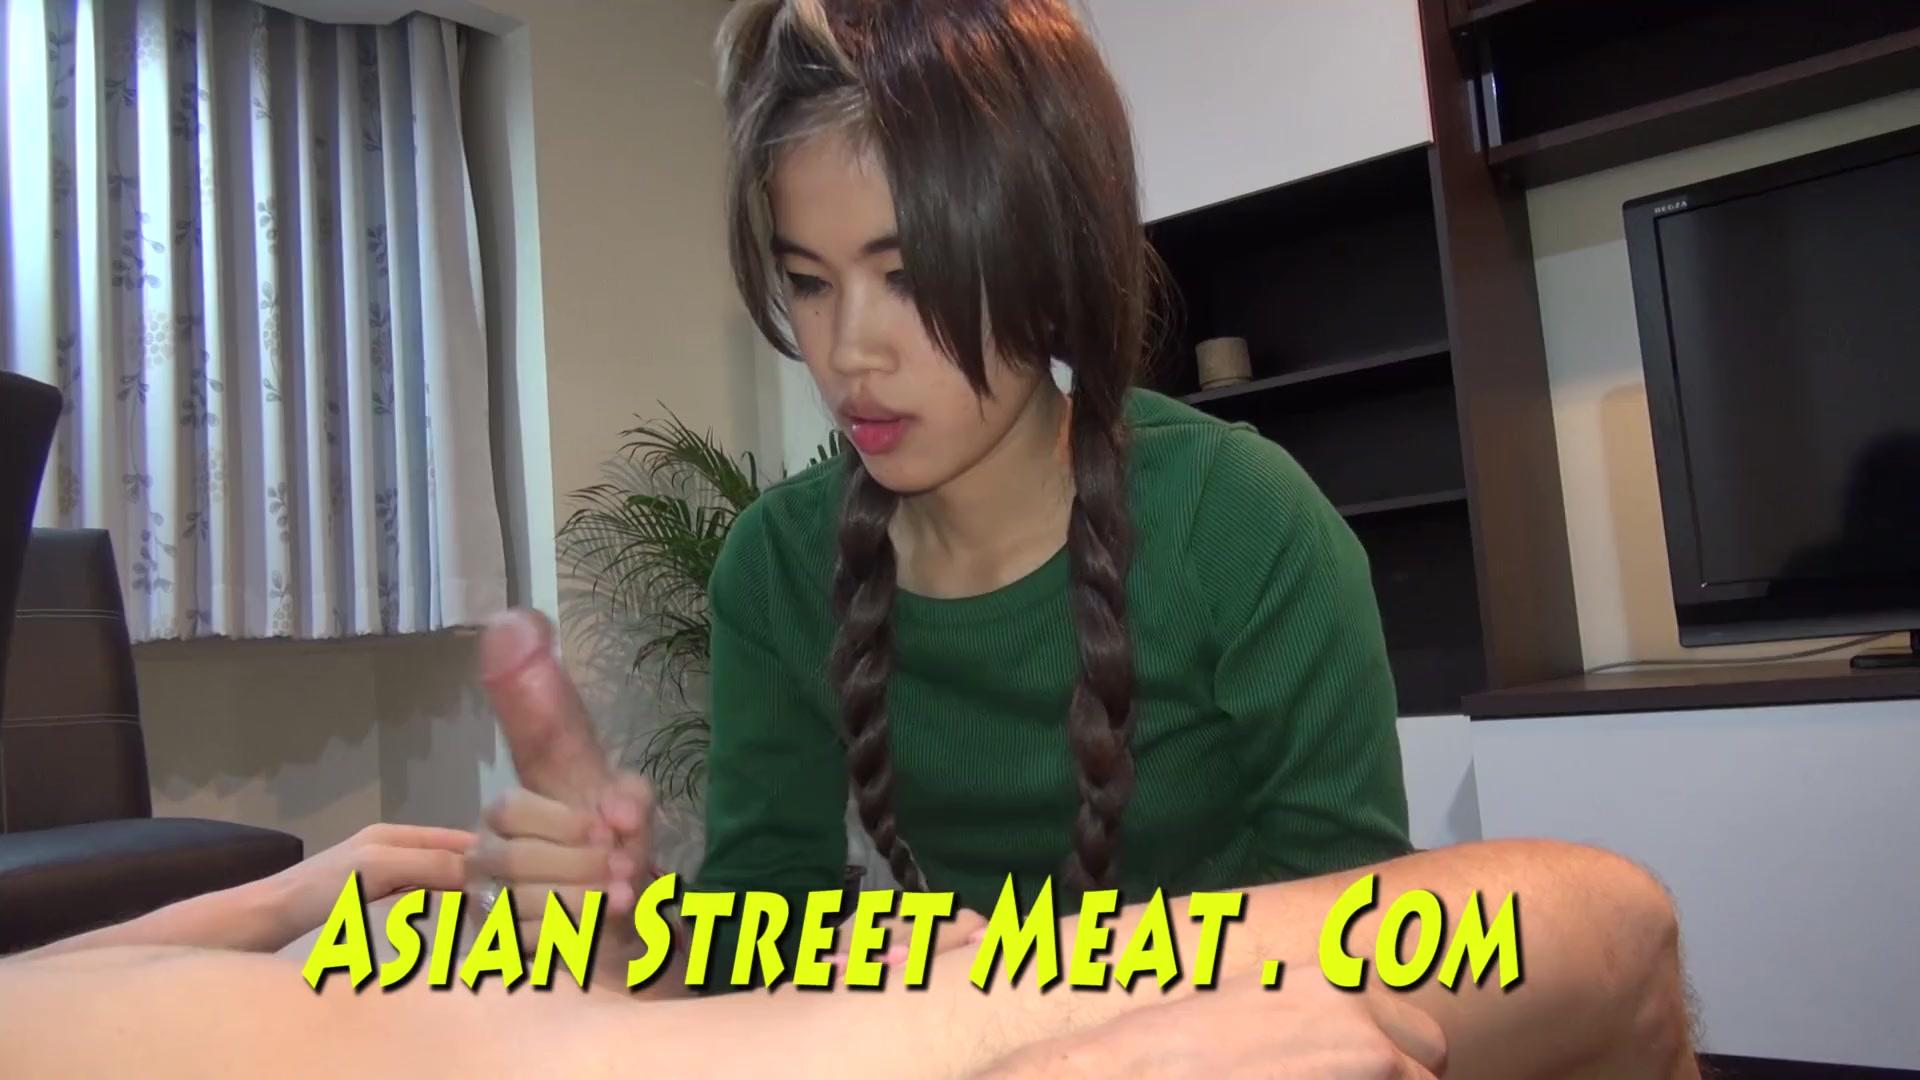 Super singaporean sodomized slut 9